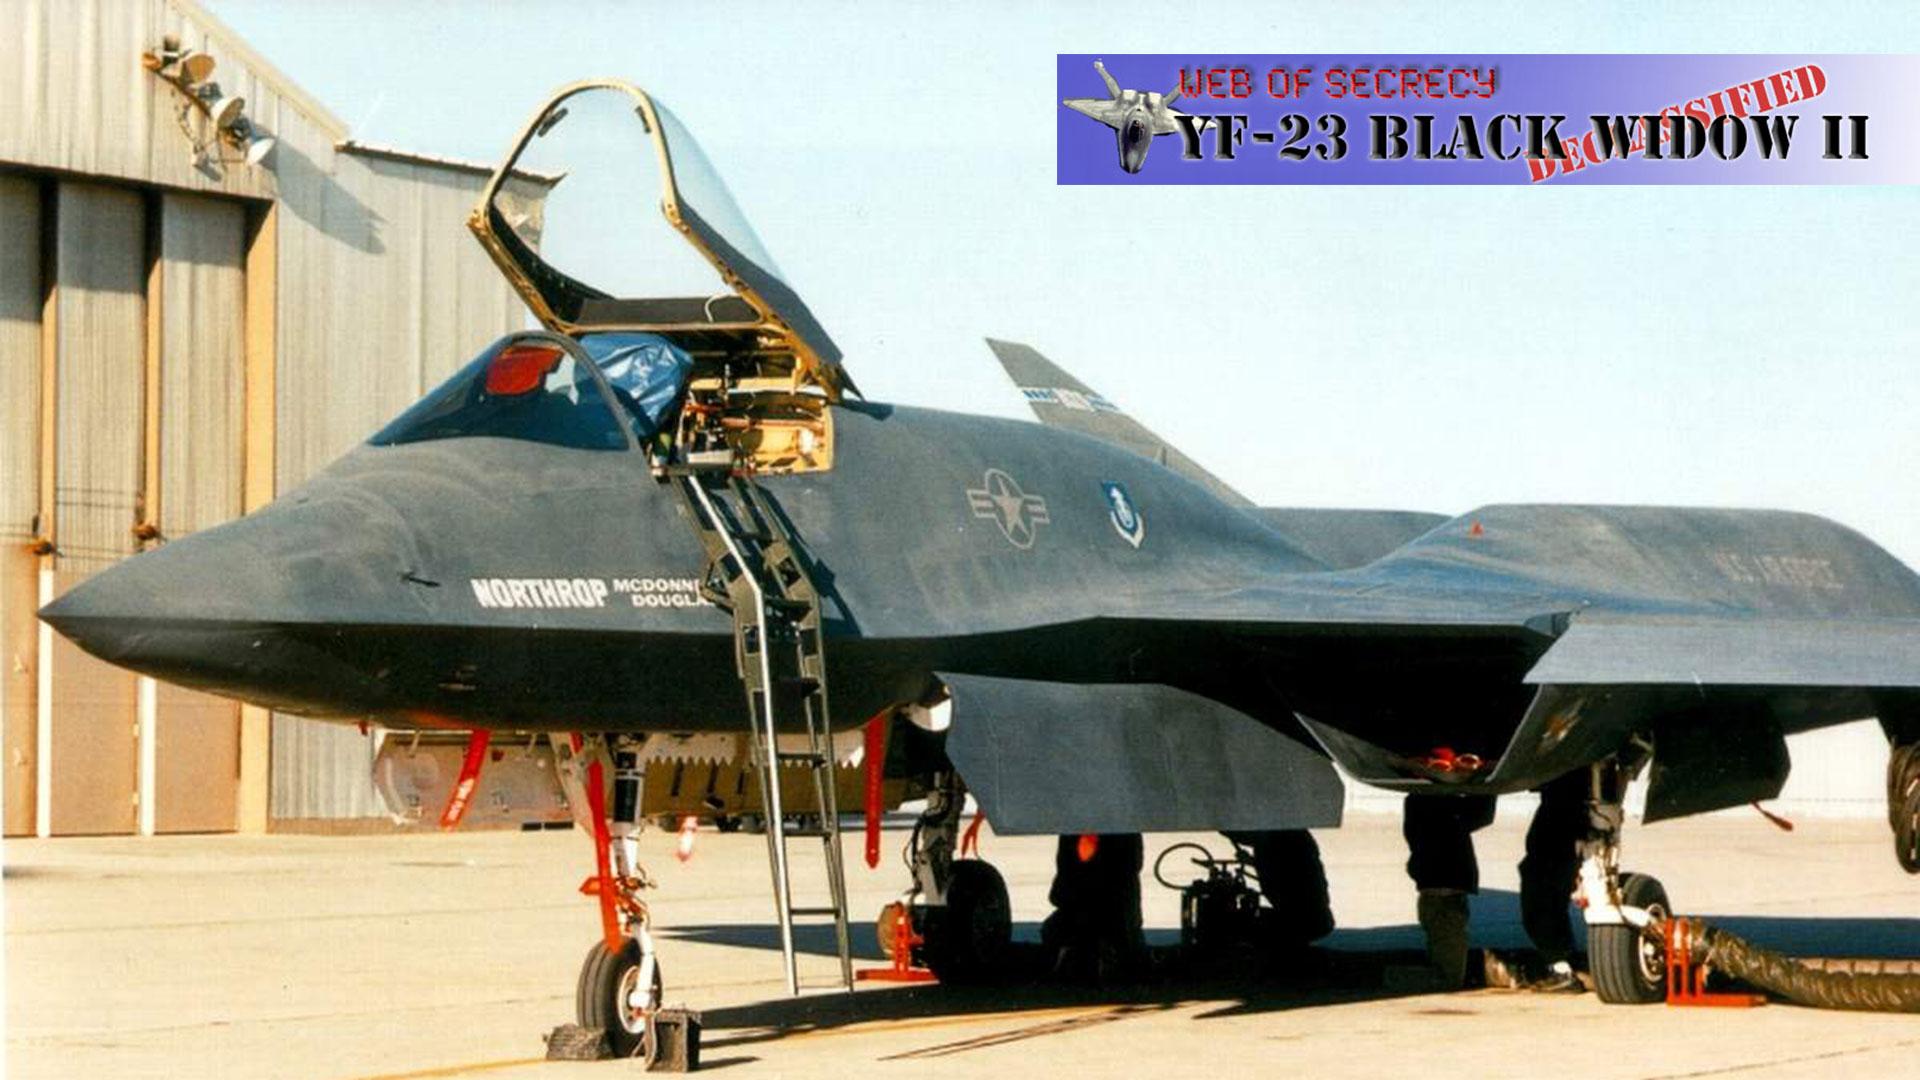 Web of Secrecy: YF-23 Black Widow II Declassified